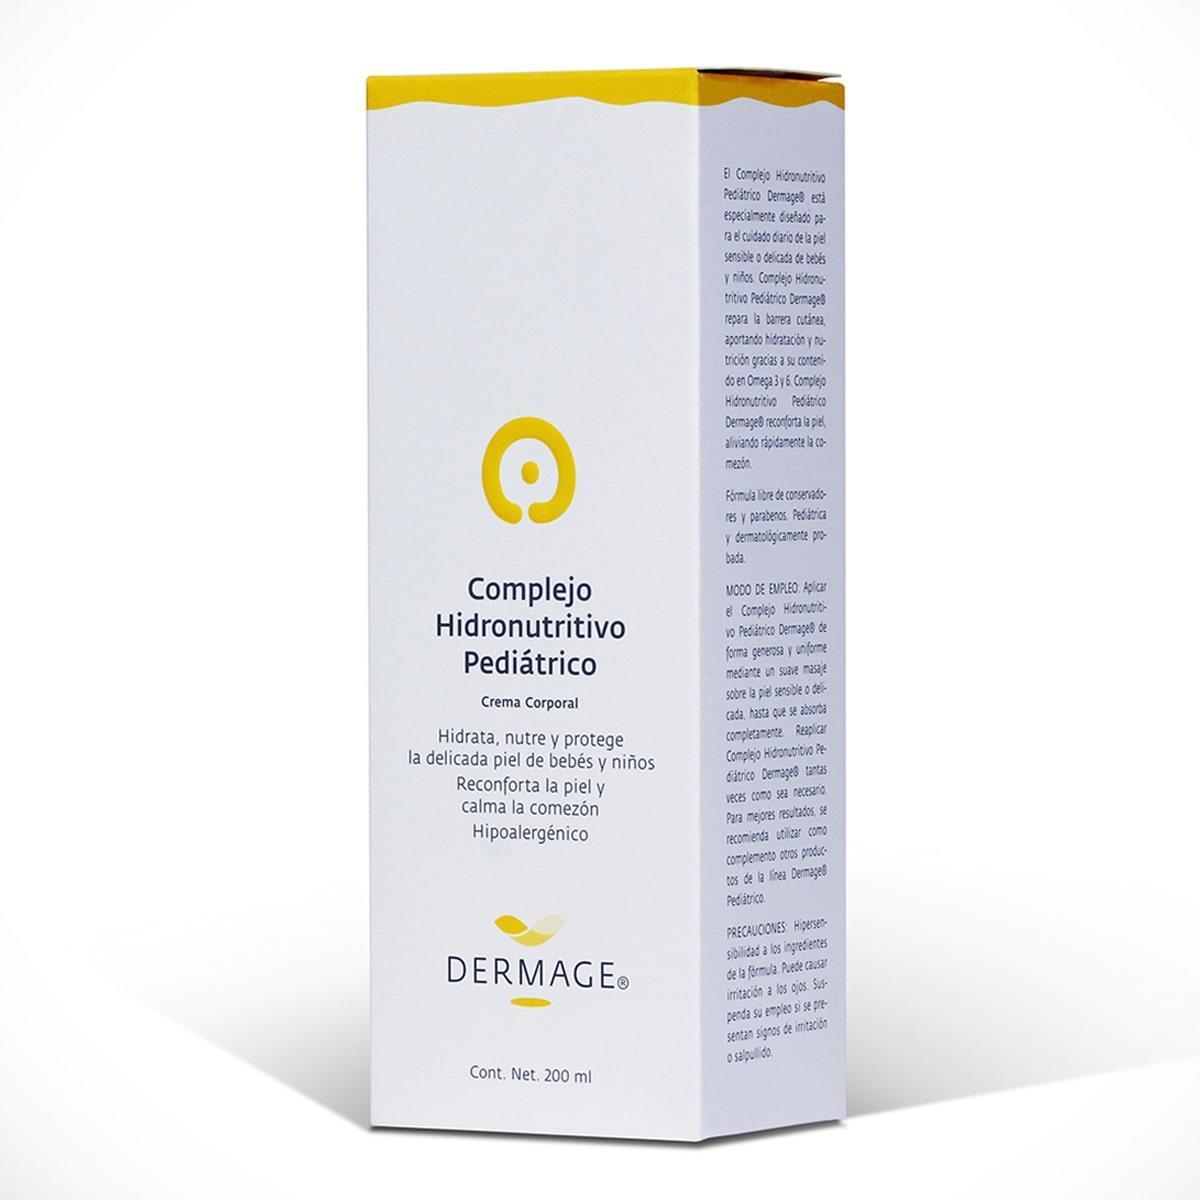 Crema corporal diseñada especialmente para el cuidado diario de la piel sensible, intolerante o atópica de bebés y niños.<br/><br/>Tubo con 200ml